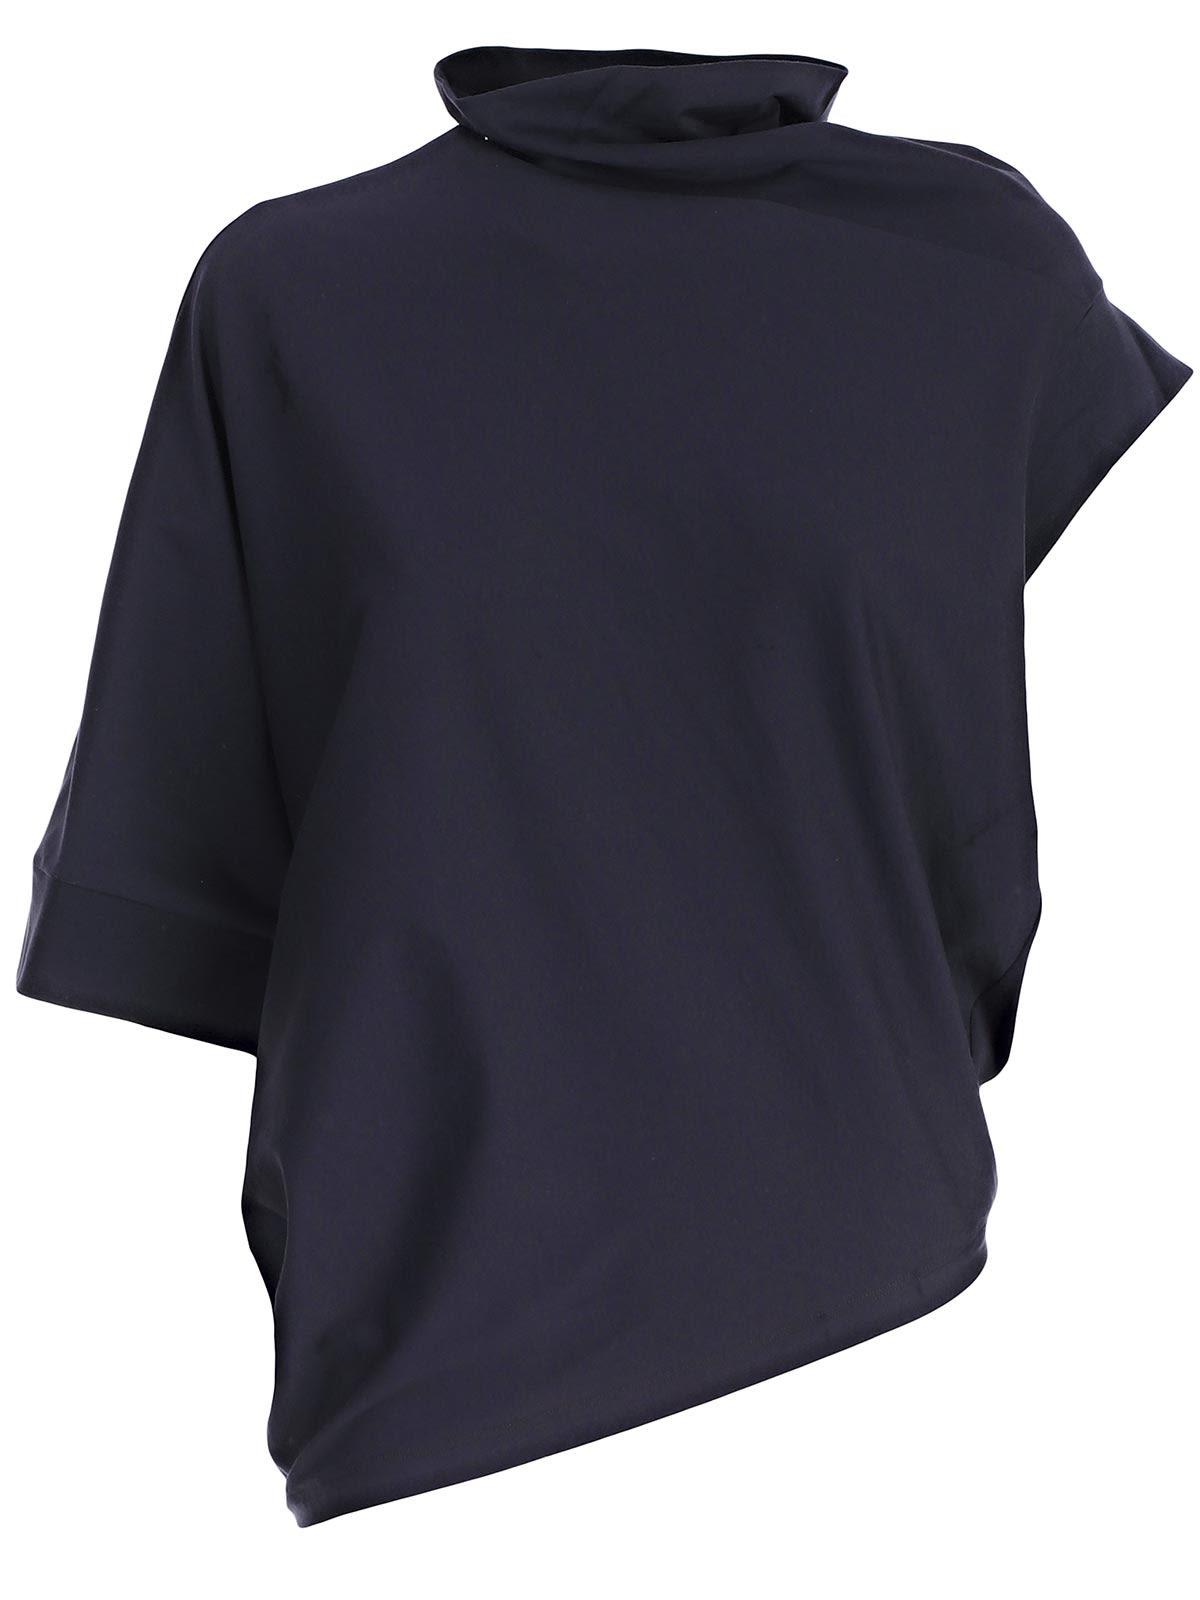 Maison Margiela Short Sleeve T-Shirt